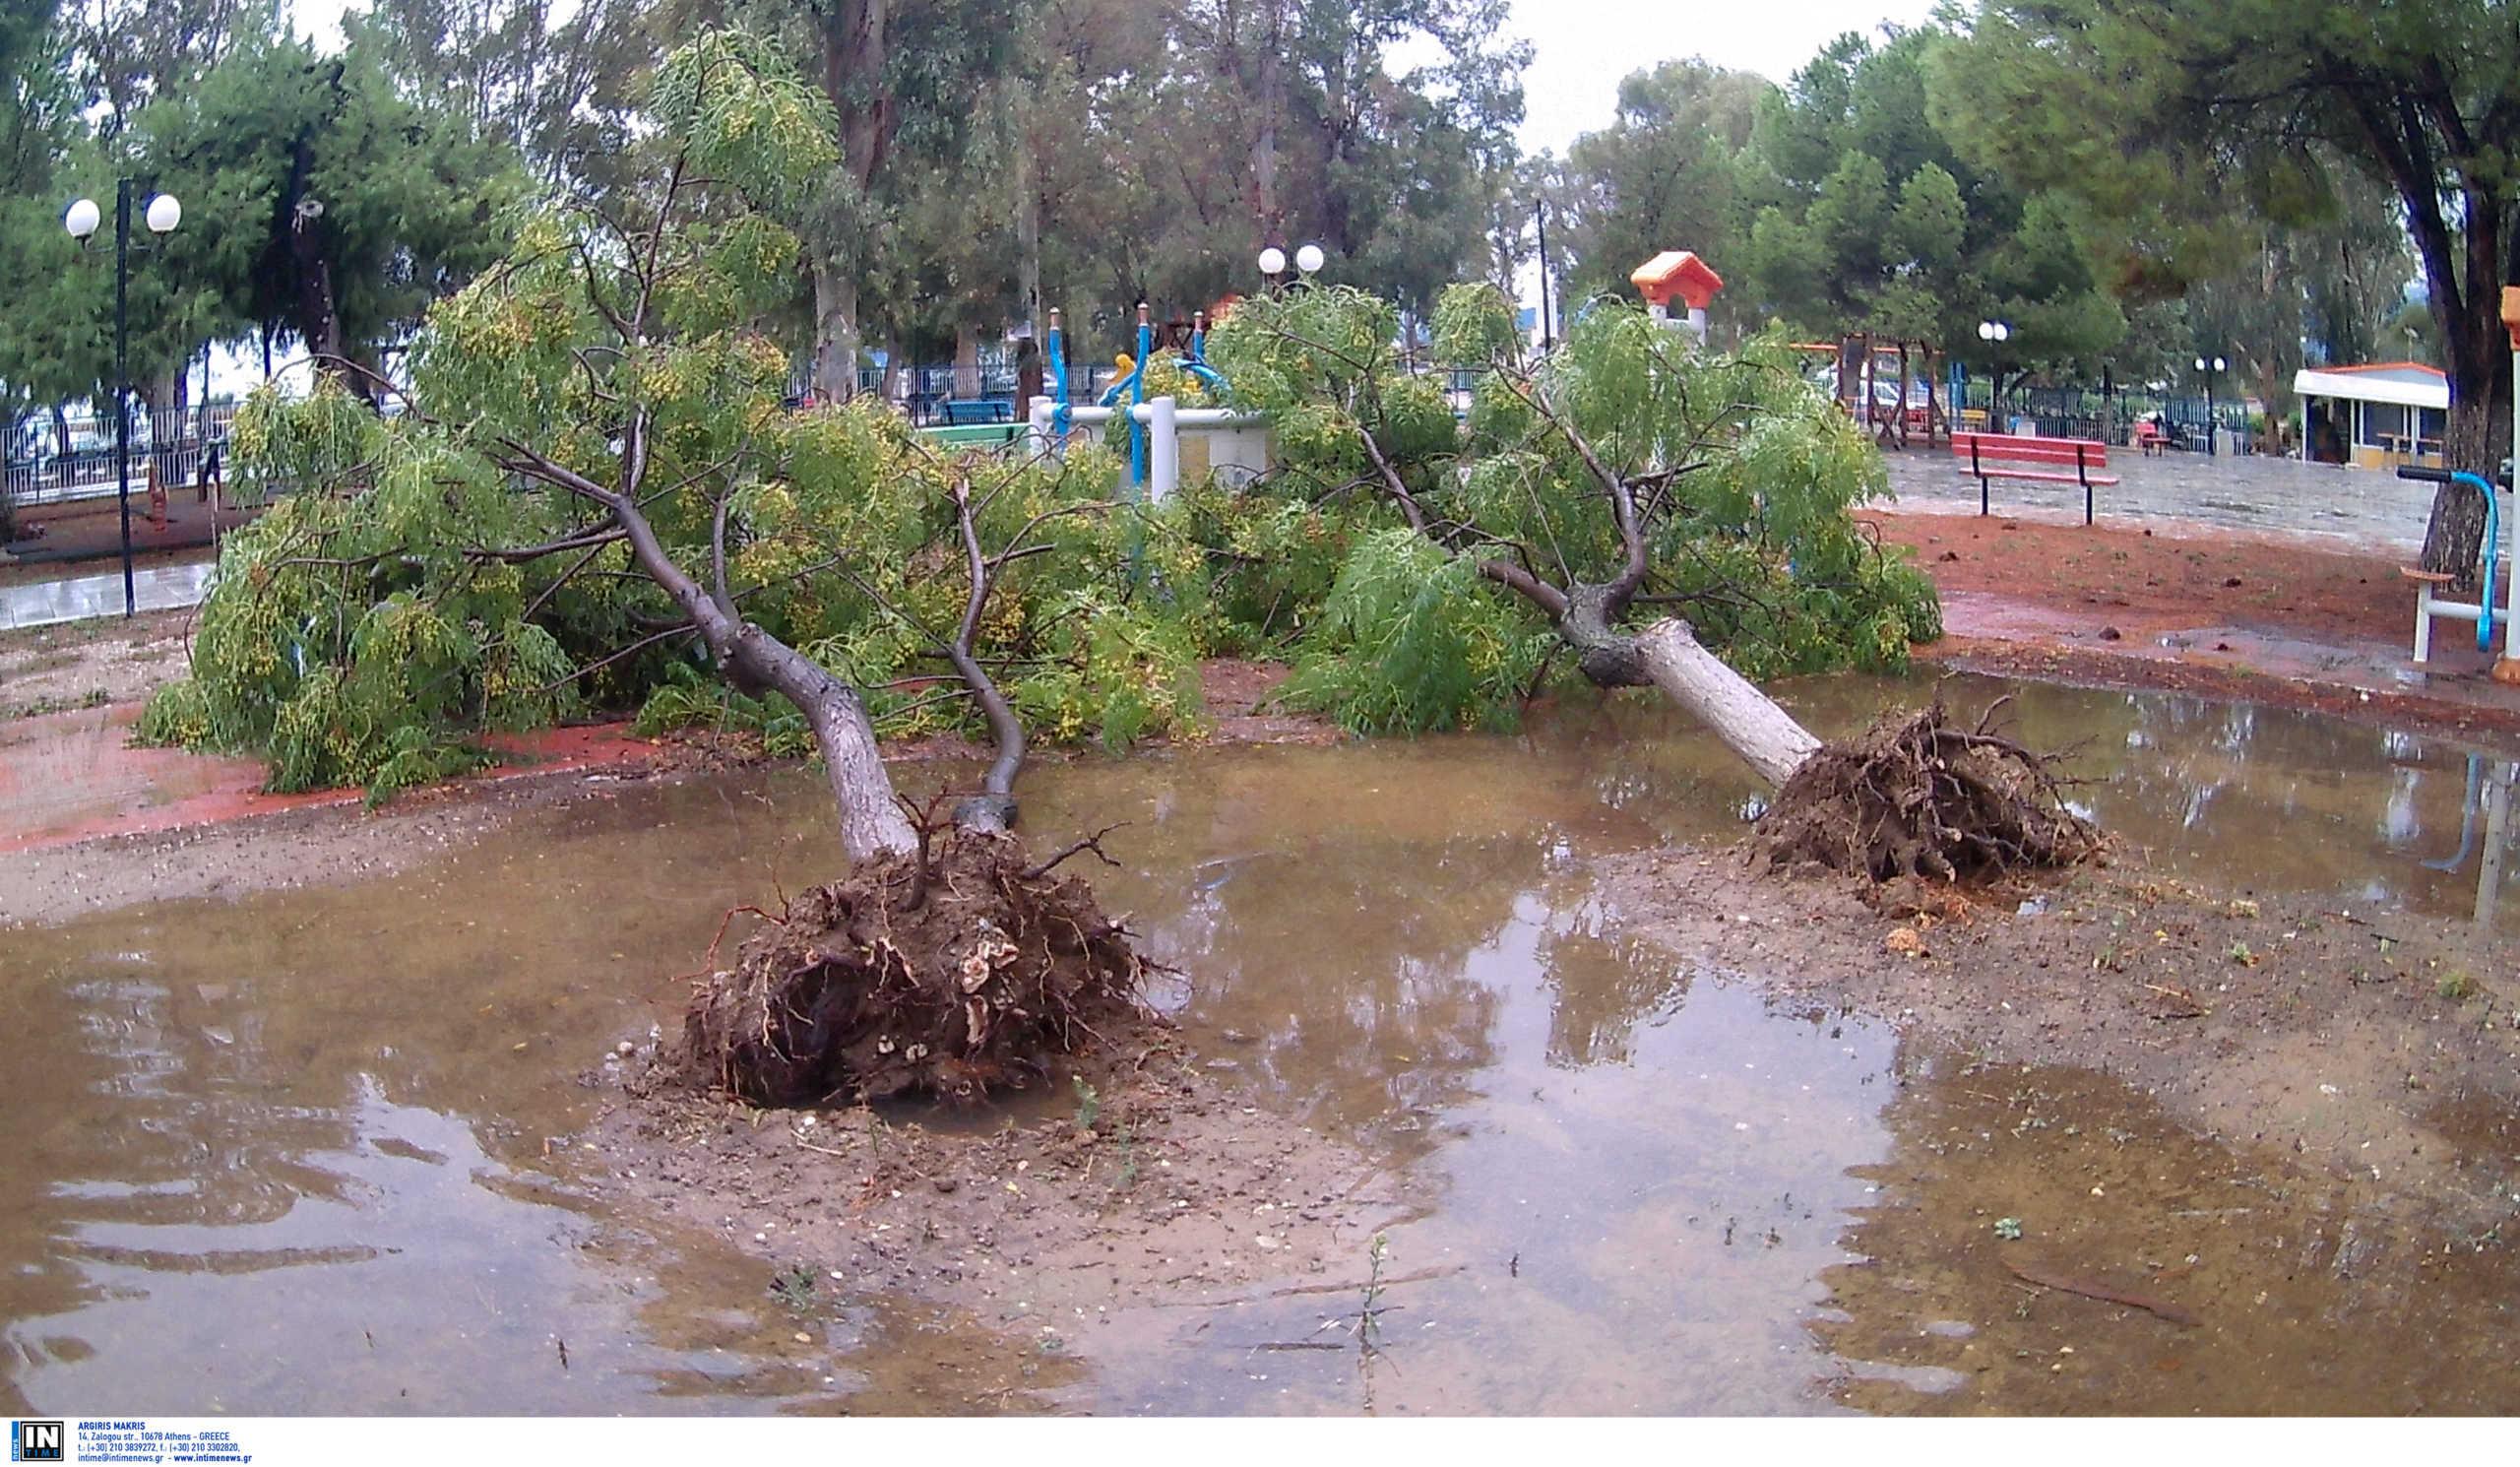 Καιρός: Θα δημιουργηθεί Μεσογειακός Κυκλώνας πάνω από την Ελλάδα; Τι λέει το Meteo